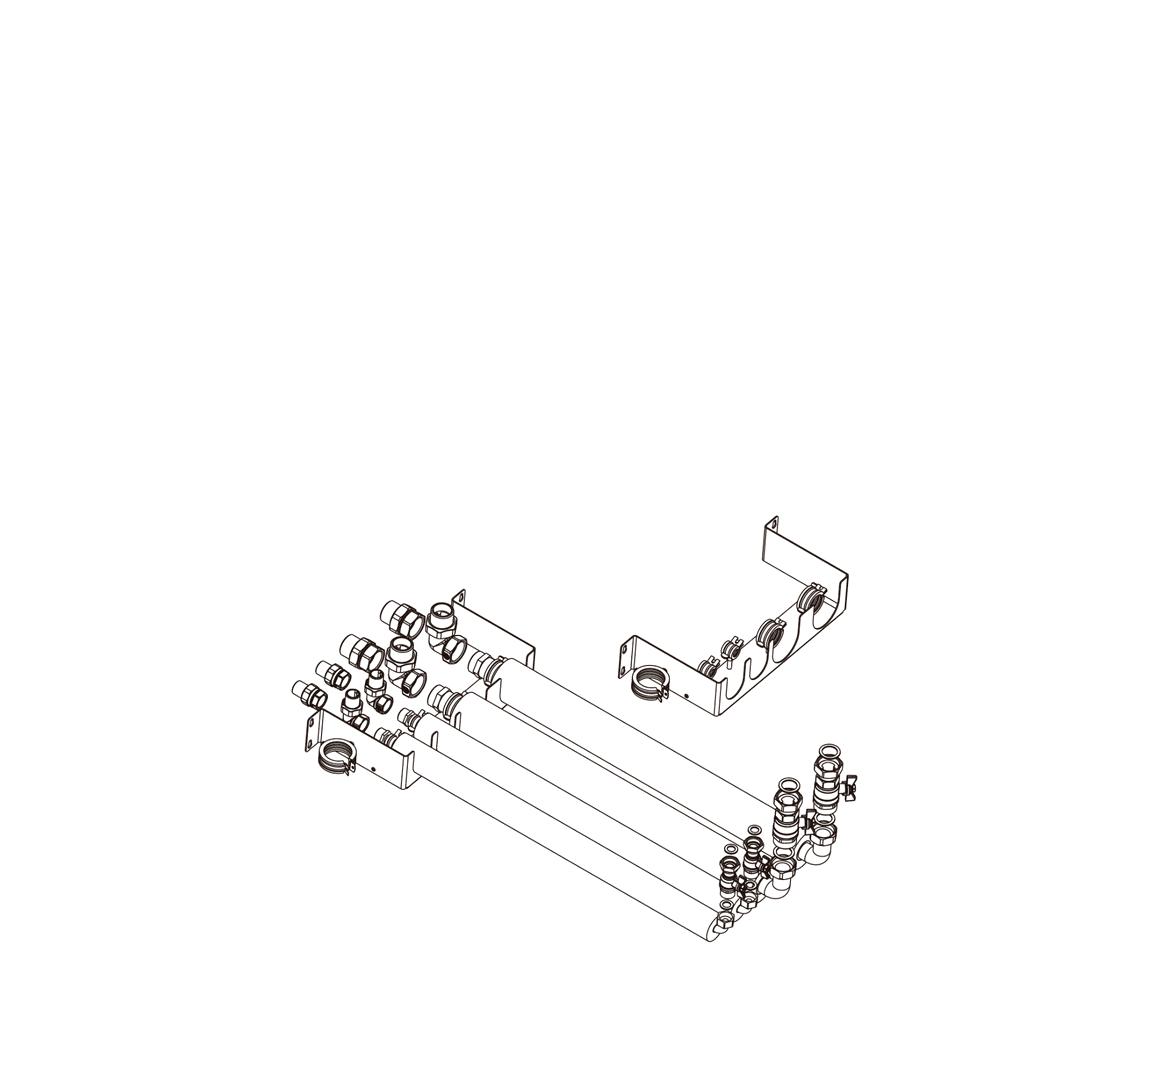 Prefab leidingset t.b.v. All-In-One (by Caleffi) voor J en H generatie van DHPS